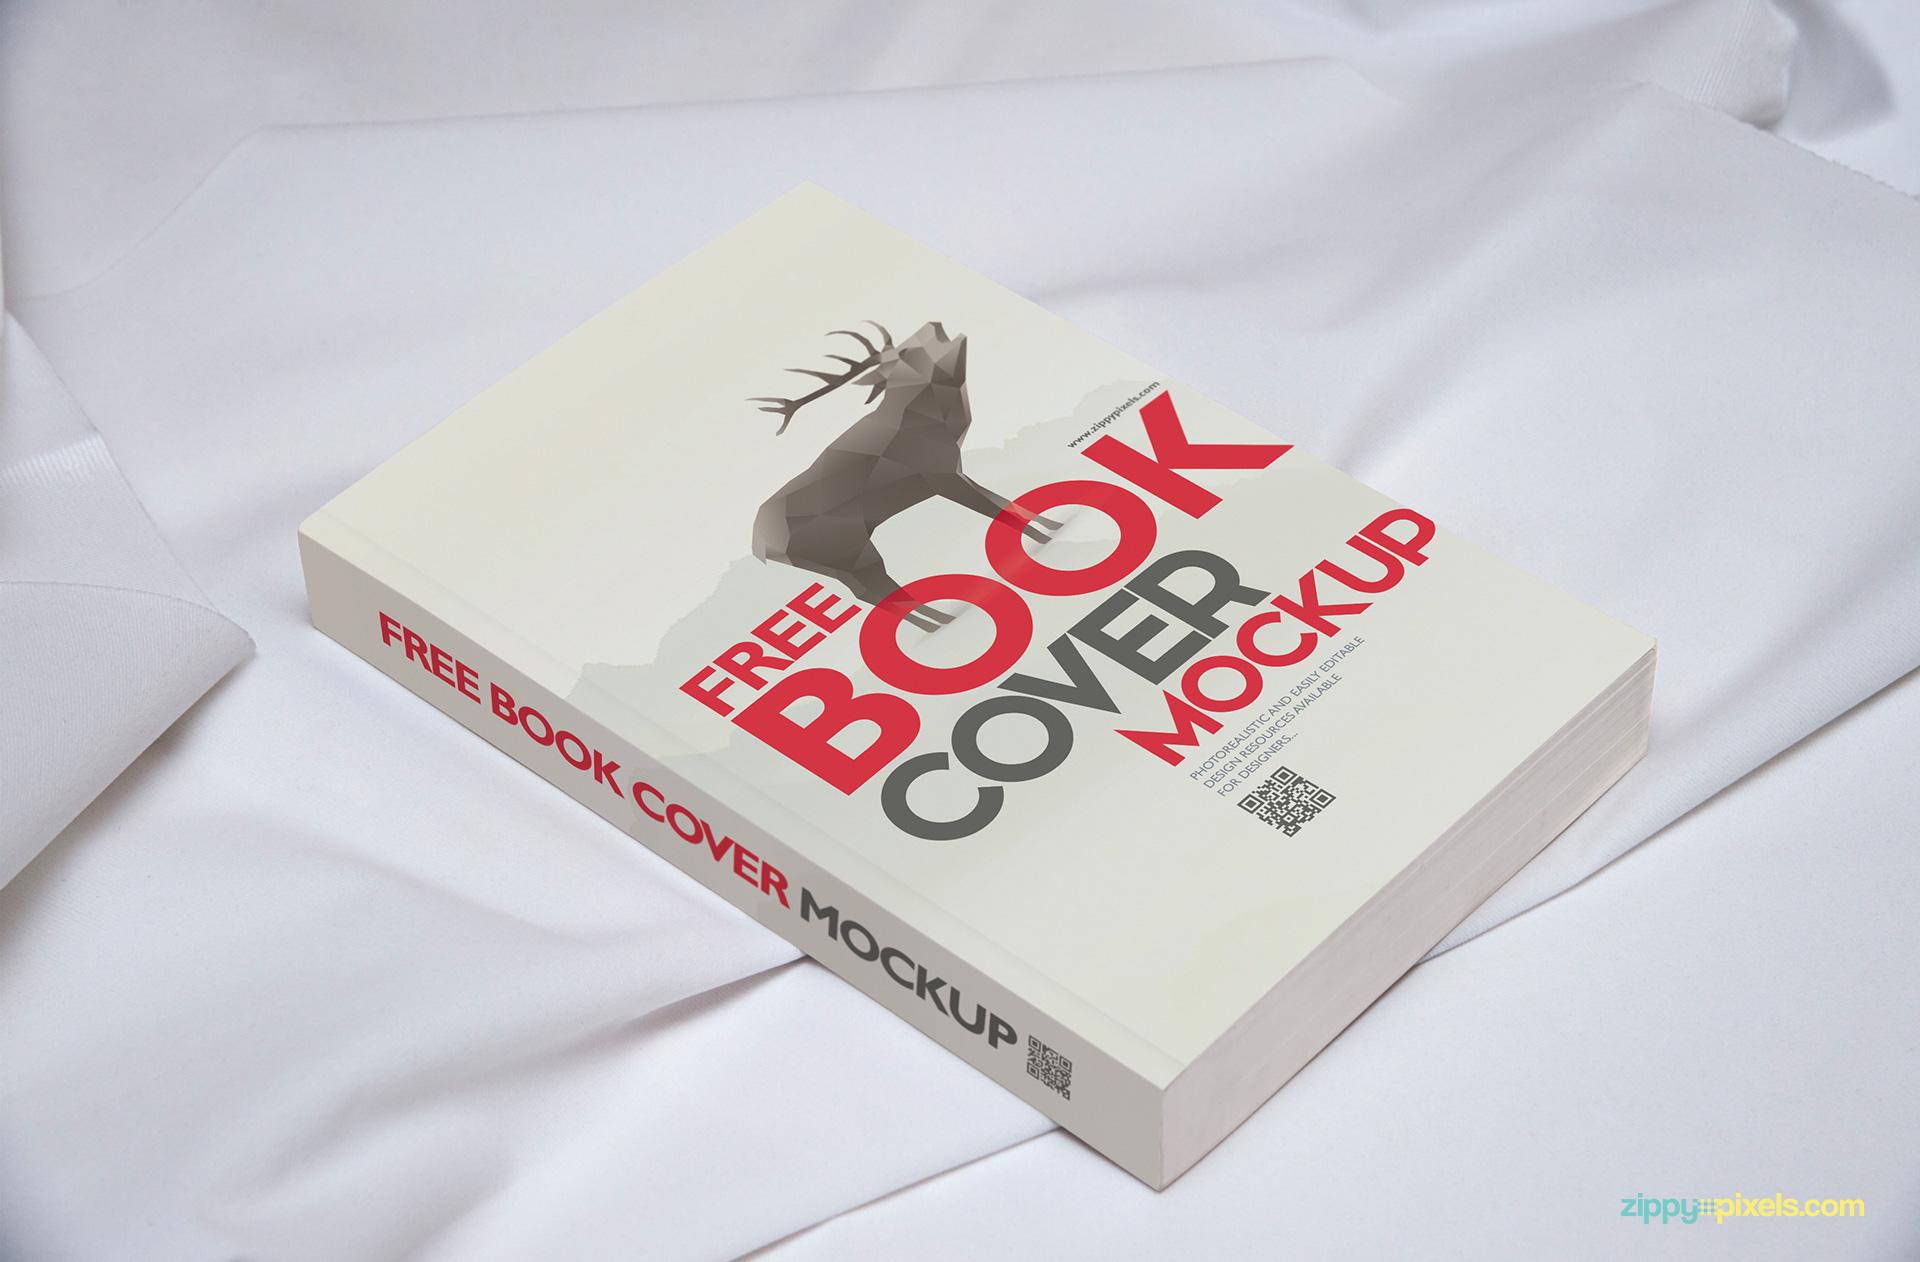 Free Brilliant Book Mockup Template   ZippyPixels